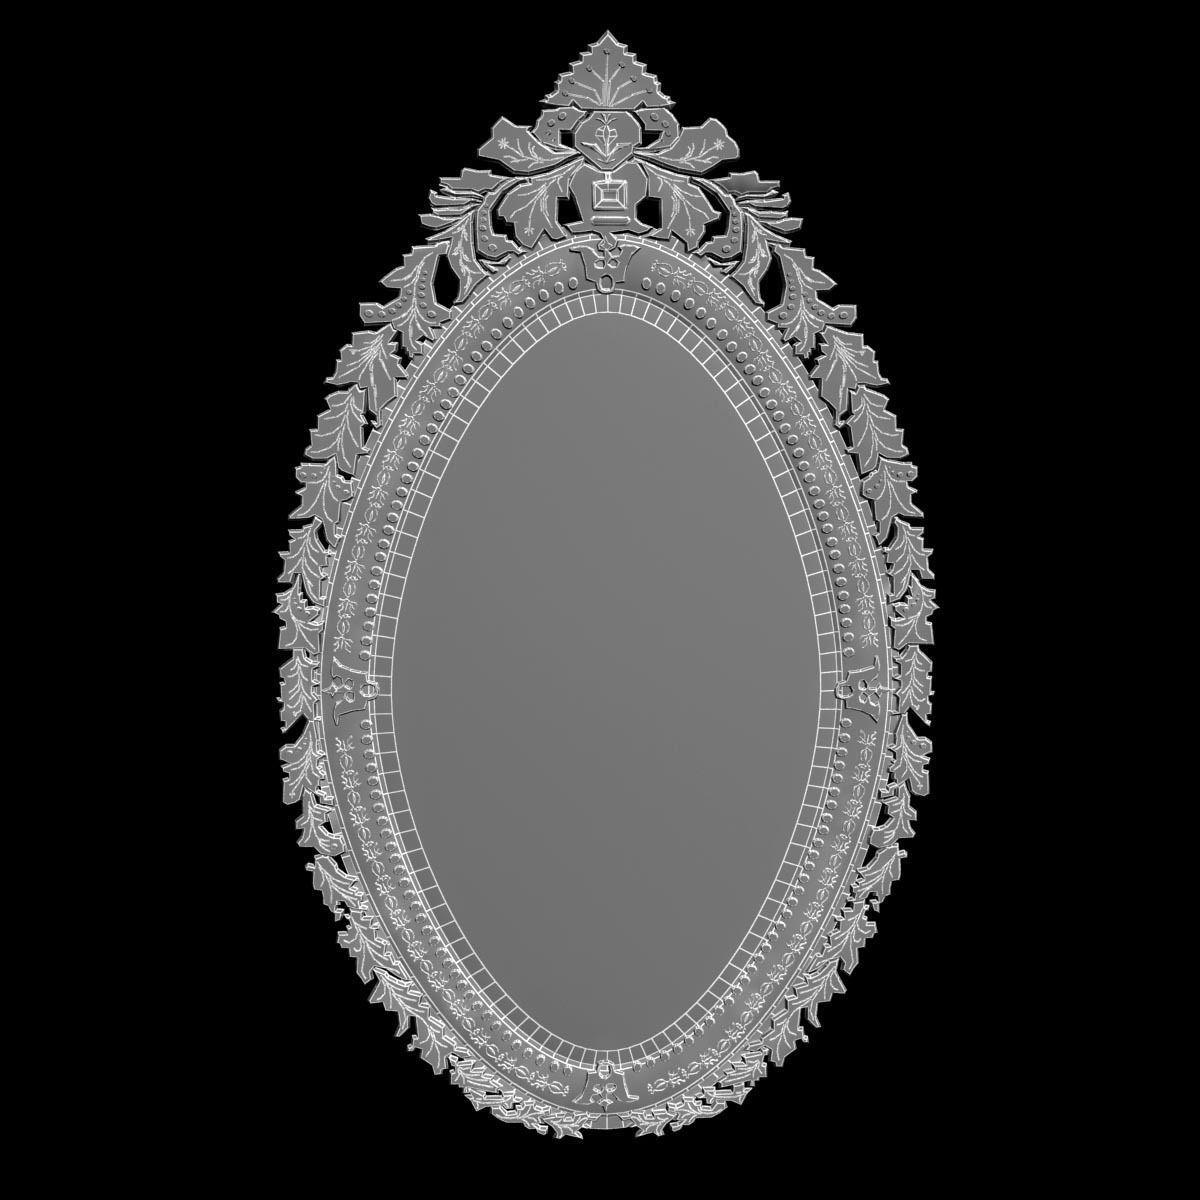 Arte veneziana ov04 wall mirror 3d model max obj fbx mtl for Mirror 3d model